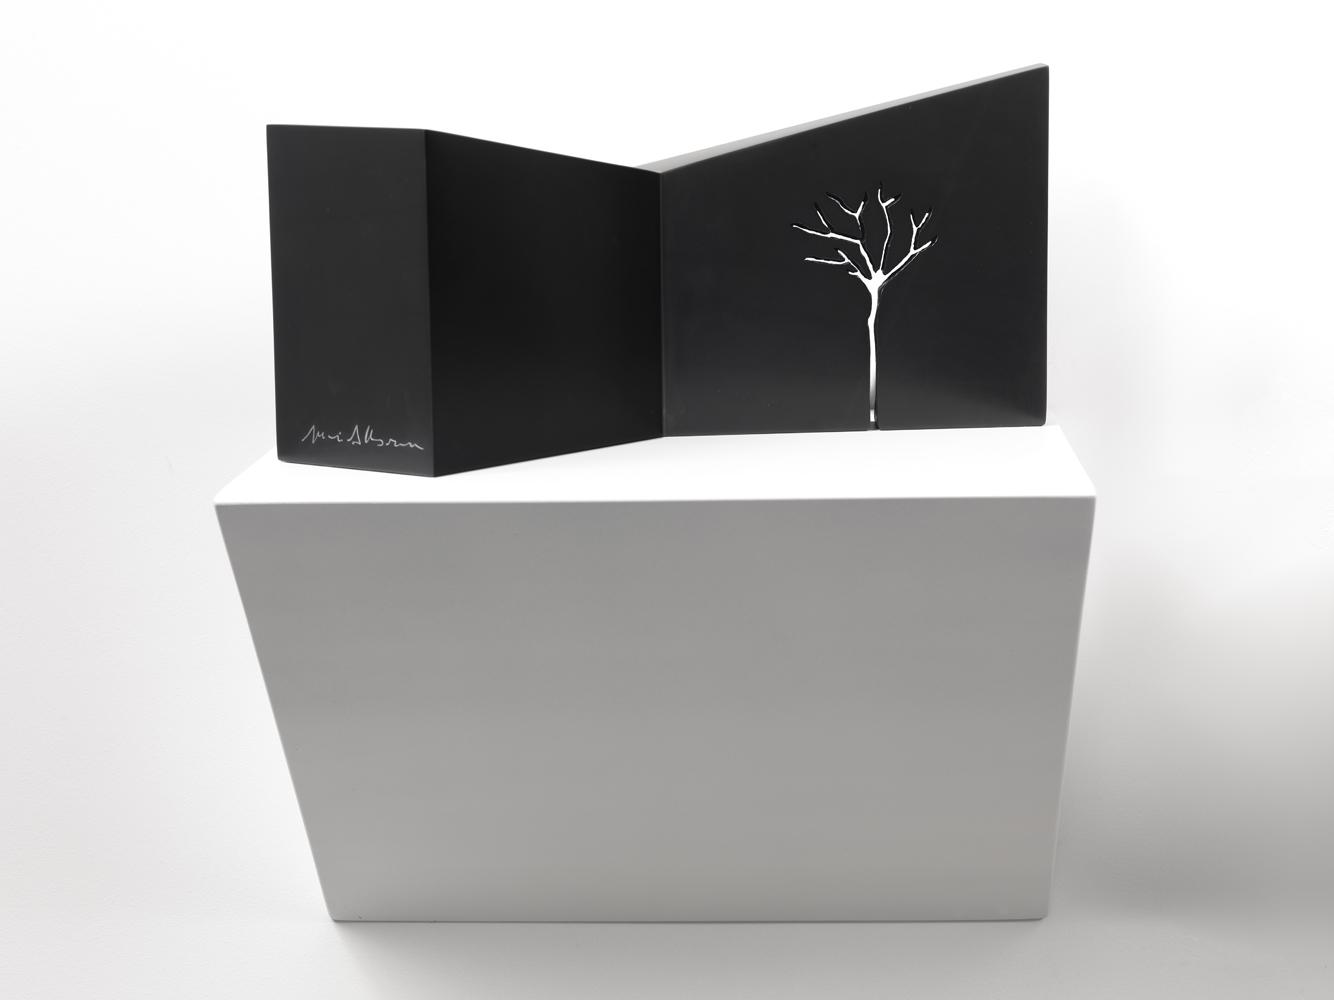 m- arbre  2, 2012marmo nero di Belgio/black belgian marble